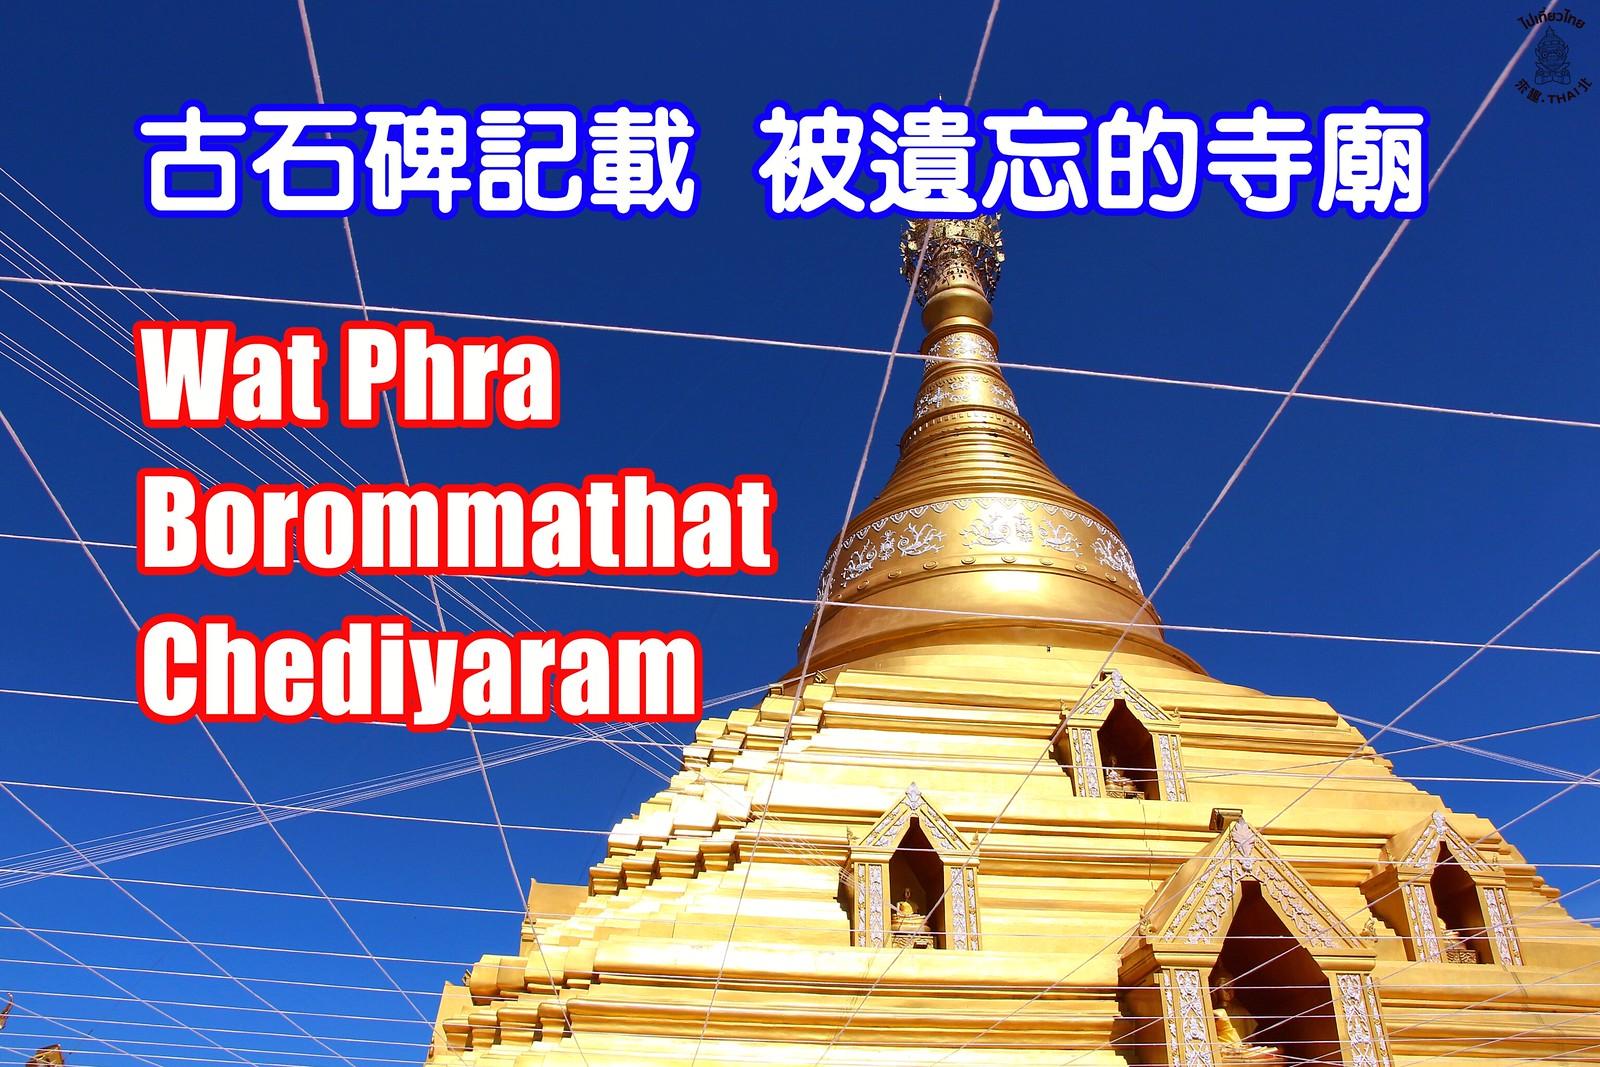 古石碑所記載被遺忘的寺廟-Wat Phra Borommathat Chediyaram